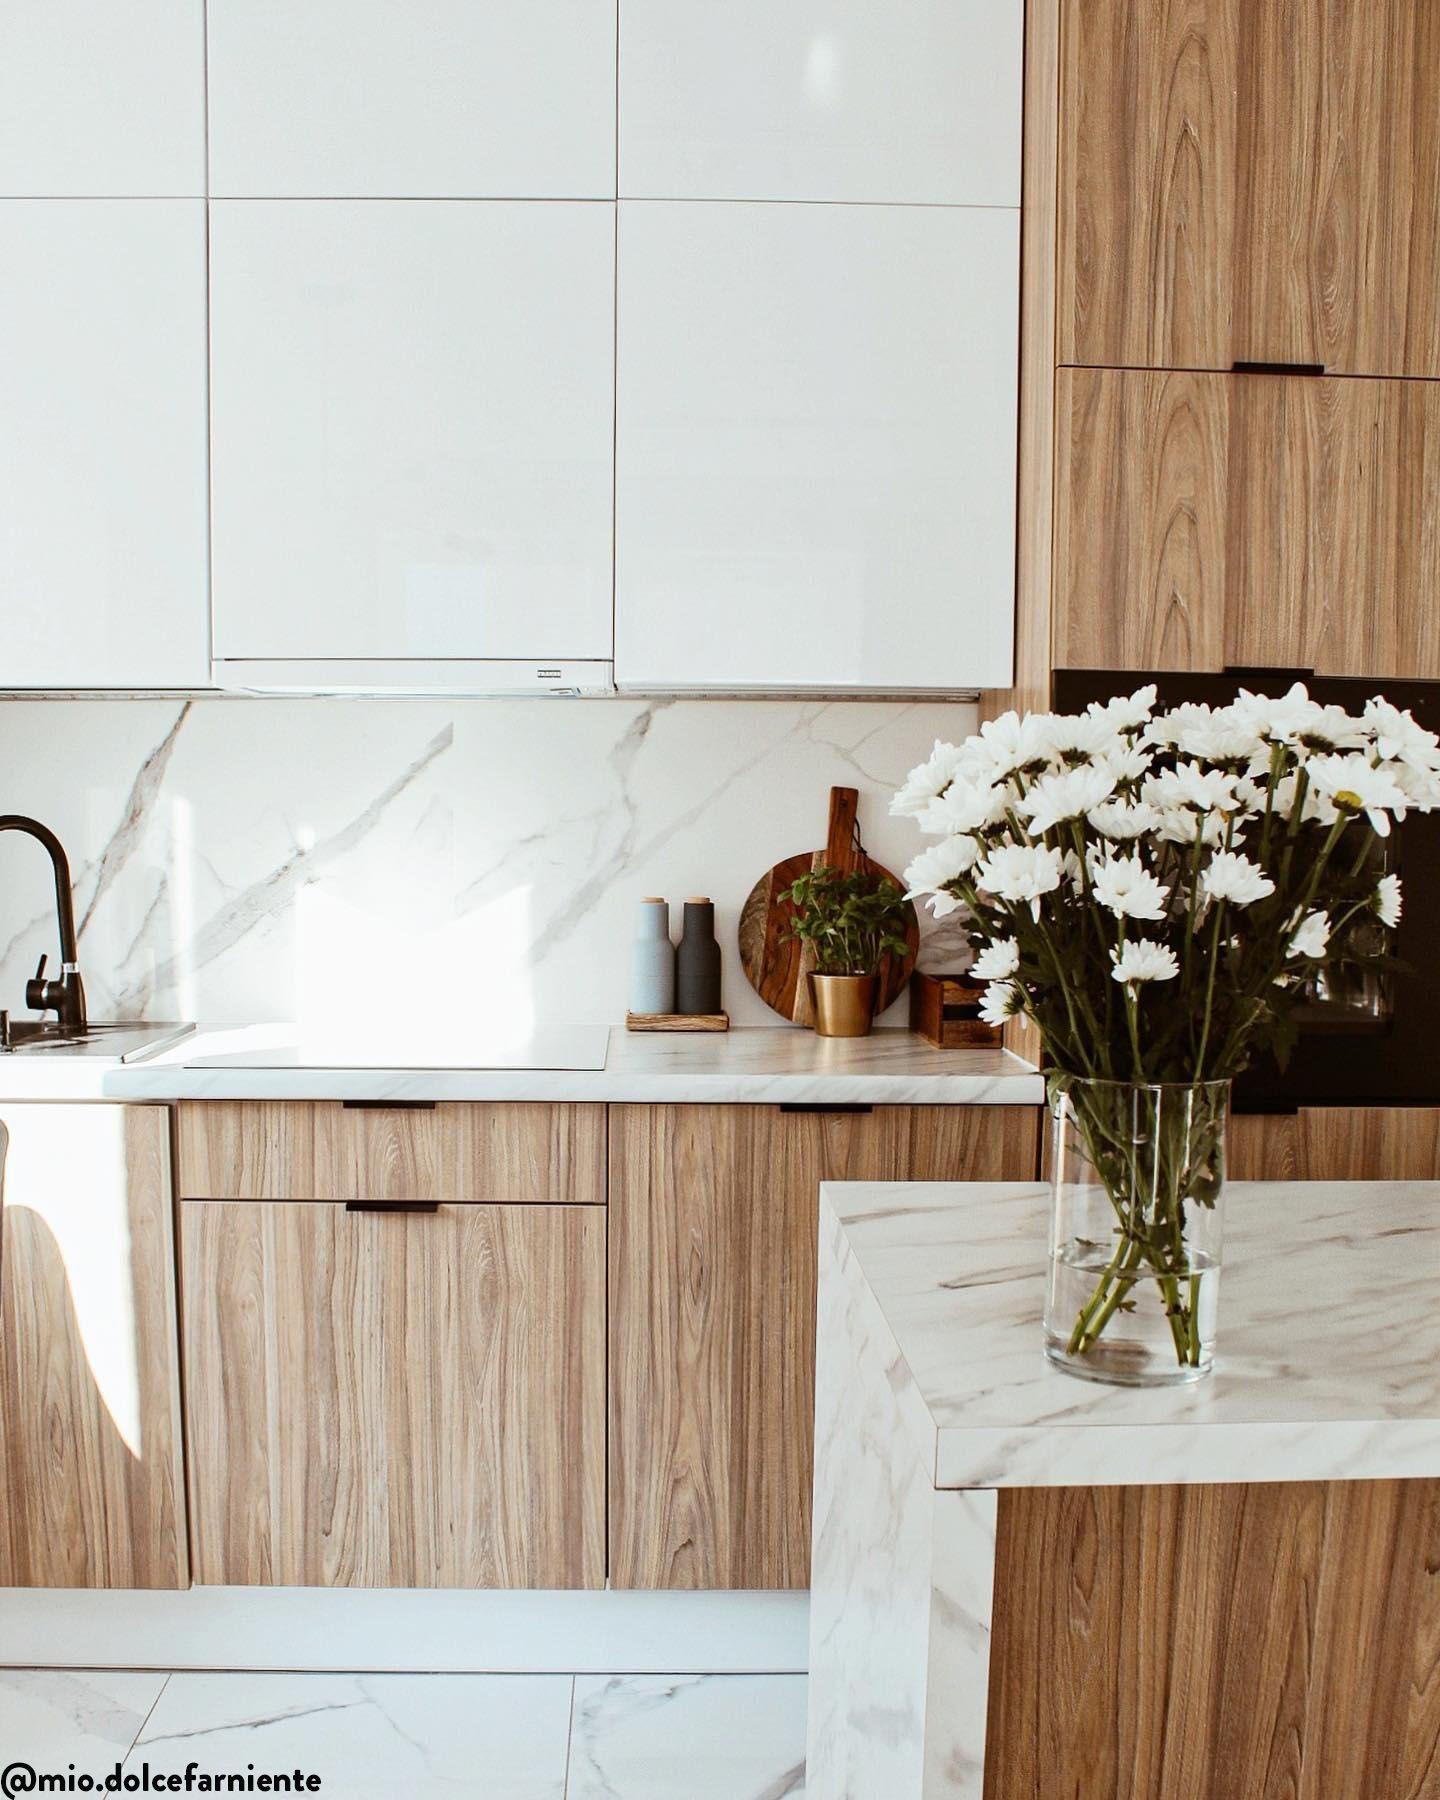 Designer Salz Pfeffermühle Bottle Grinder Mit Walnussholzdeckel Westwingnow Küchentücher Kücheneinrichtung Küchenstühle